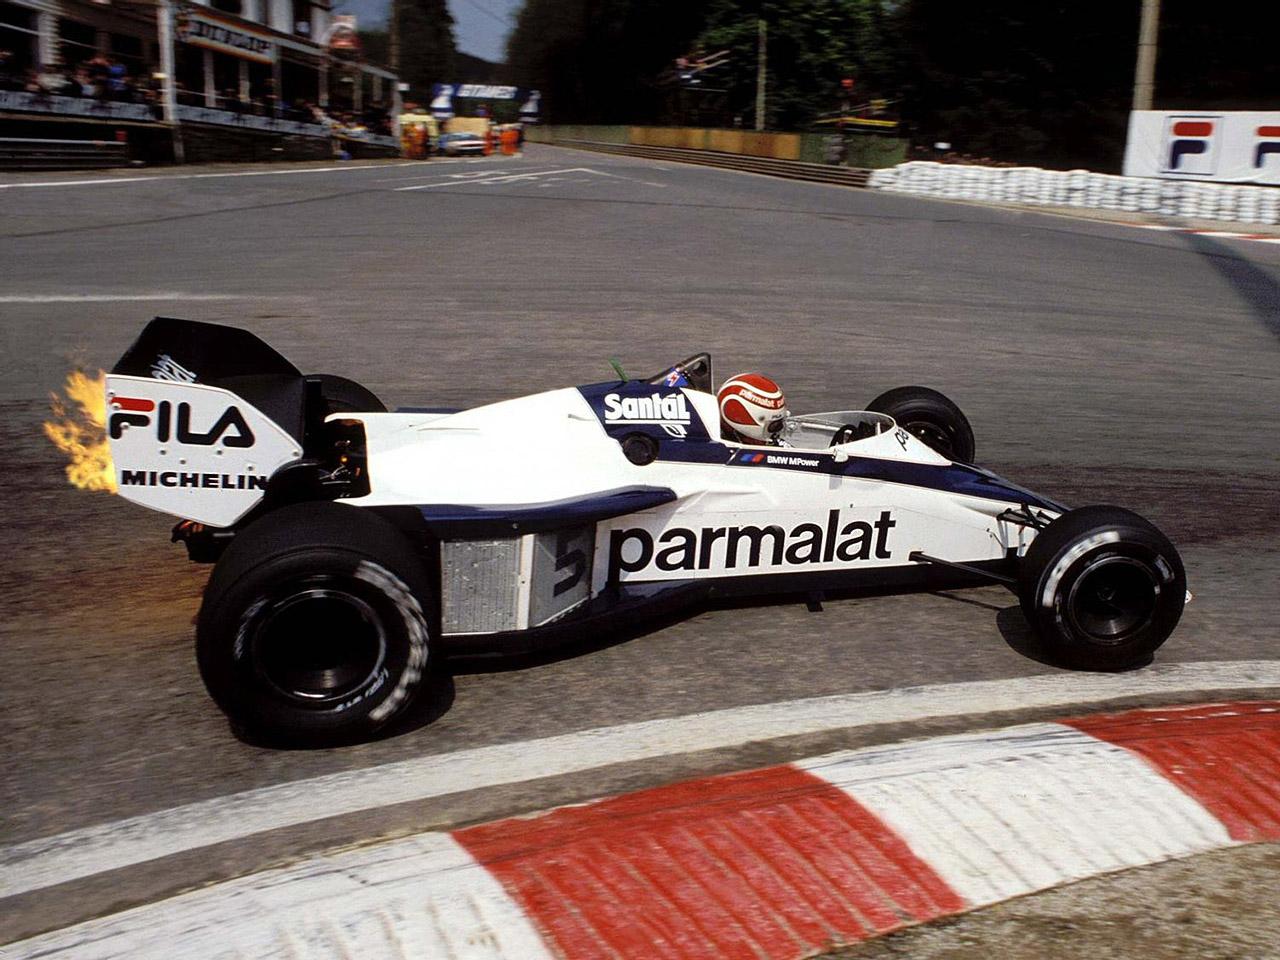 De a Motorsport program nem csak a túraautózásról szólt: a BMW először 1982 és '87 között szerepelt a Formula 1-ben. Itt épp Nelson Piquet pírít oda a turbós, BMW-motoros Brabham BT52-nek 1983-ban. Valószínűleg ekkor még nem tudta, hogy a szezon végére kétszeres világbajnok lesz és ő lesz az első, akinek ez turbómotoros autóval sikerül.